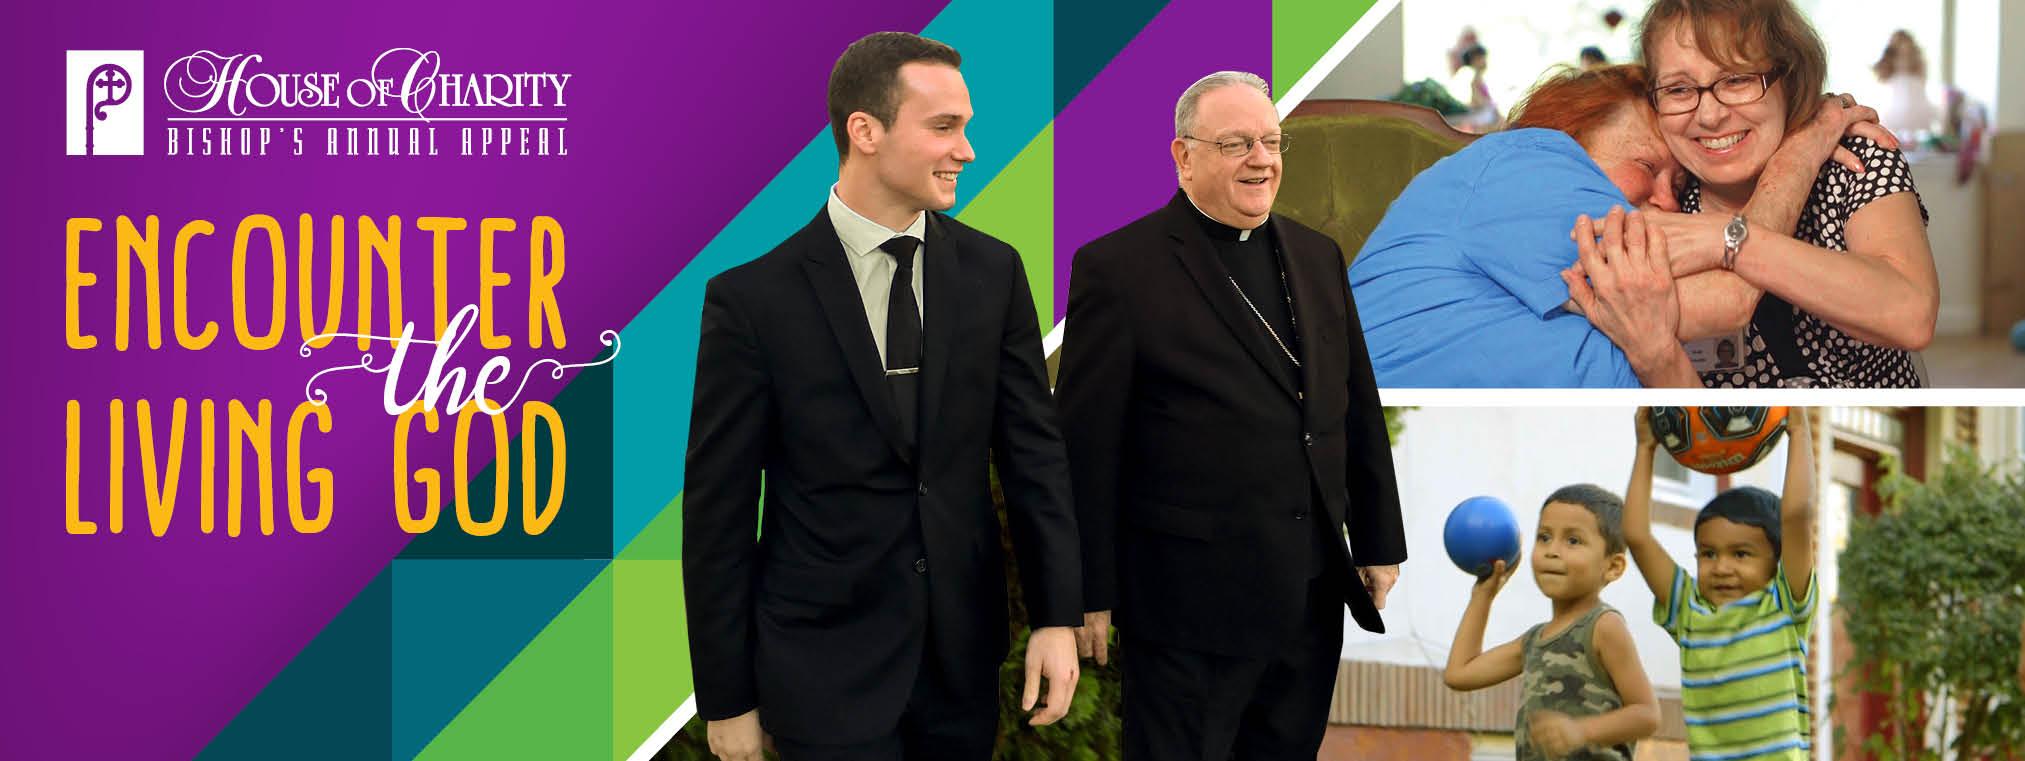 http://www.camdendiocese.org/wp-content/uploads/2017/01/HOC17_Slider.jpg